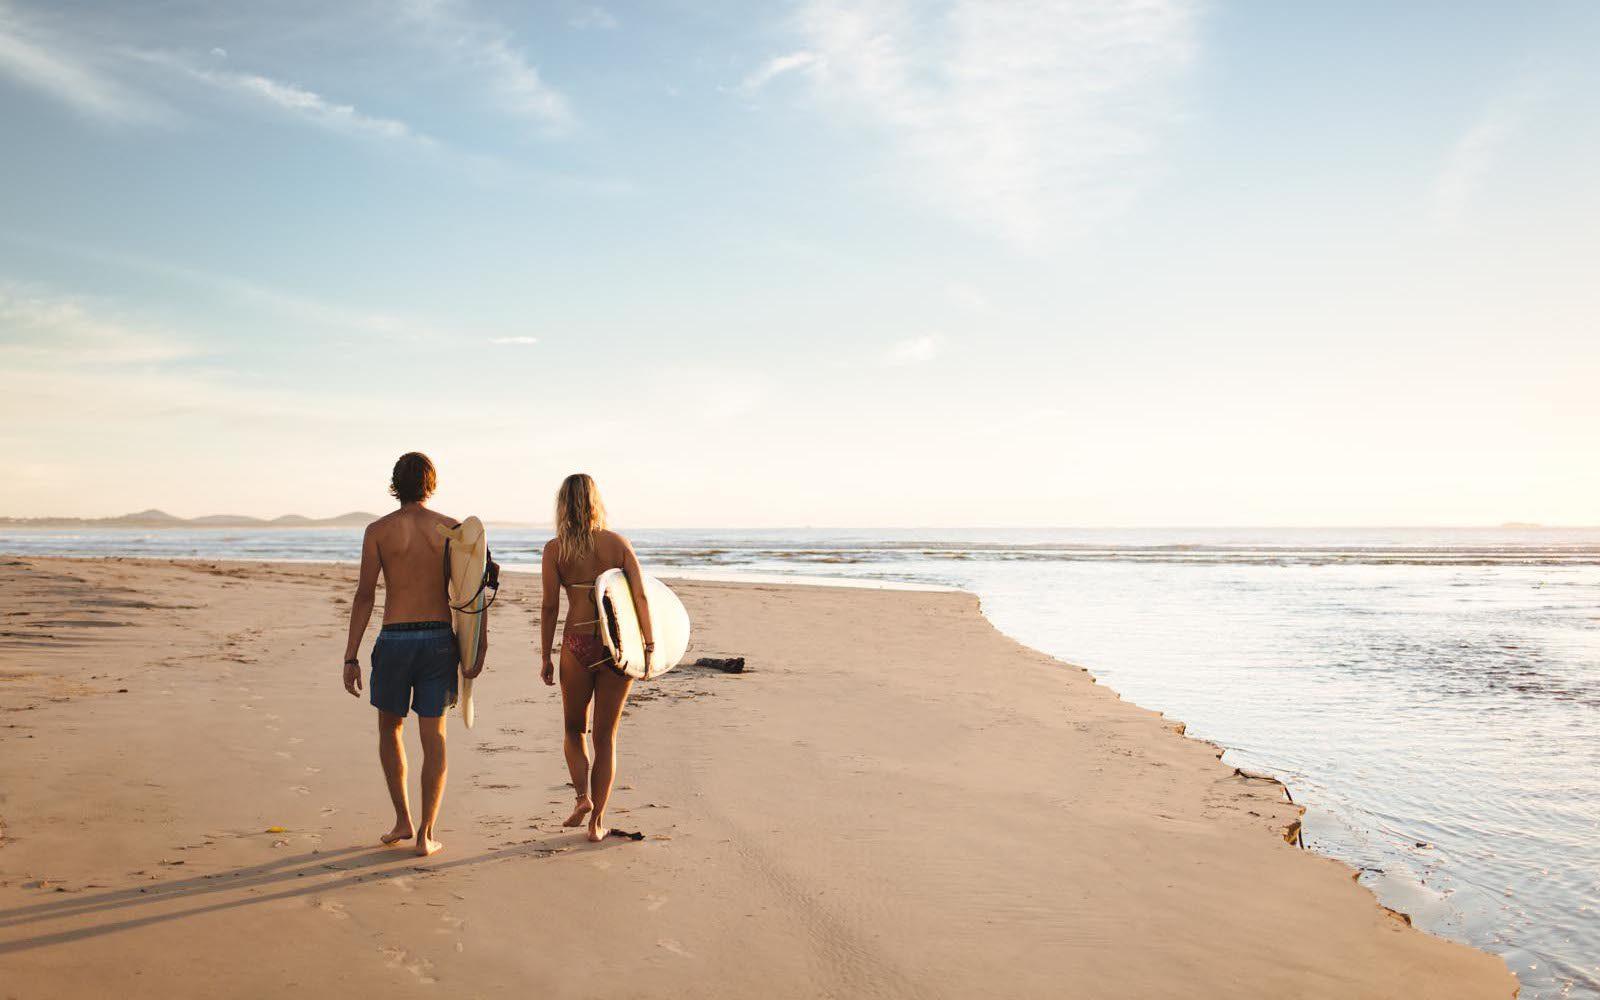 pärchen am strand spazieren im Sonnenuntergang